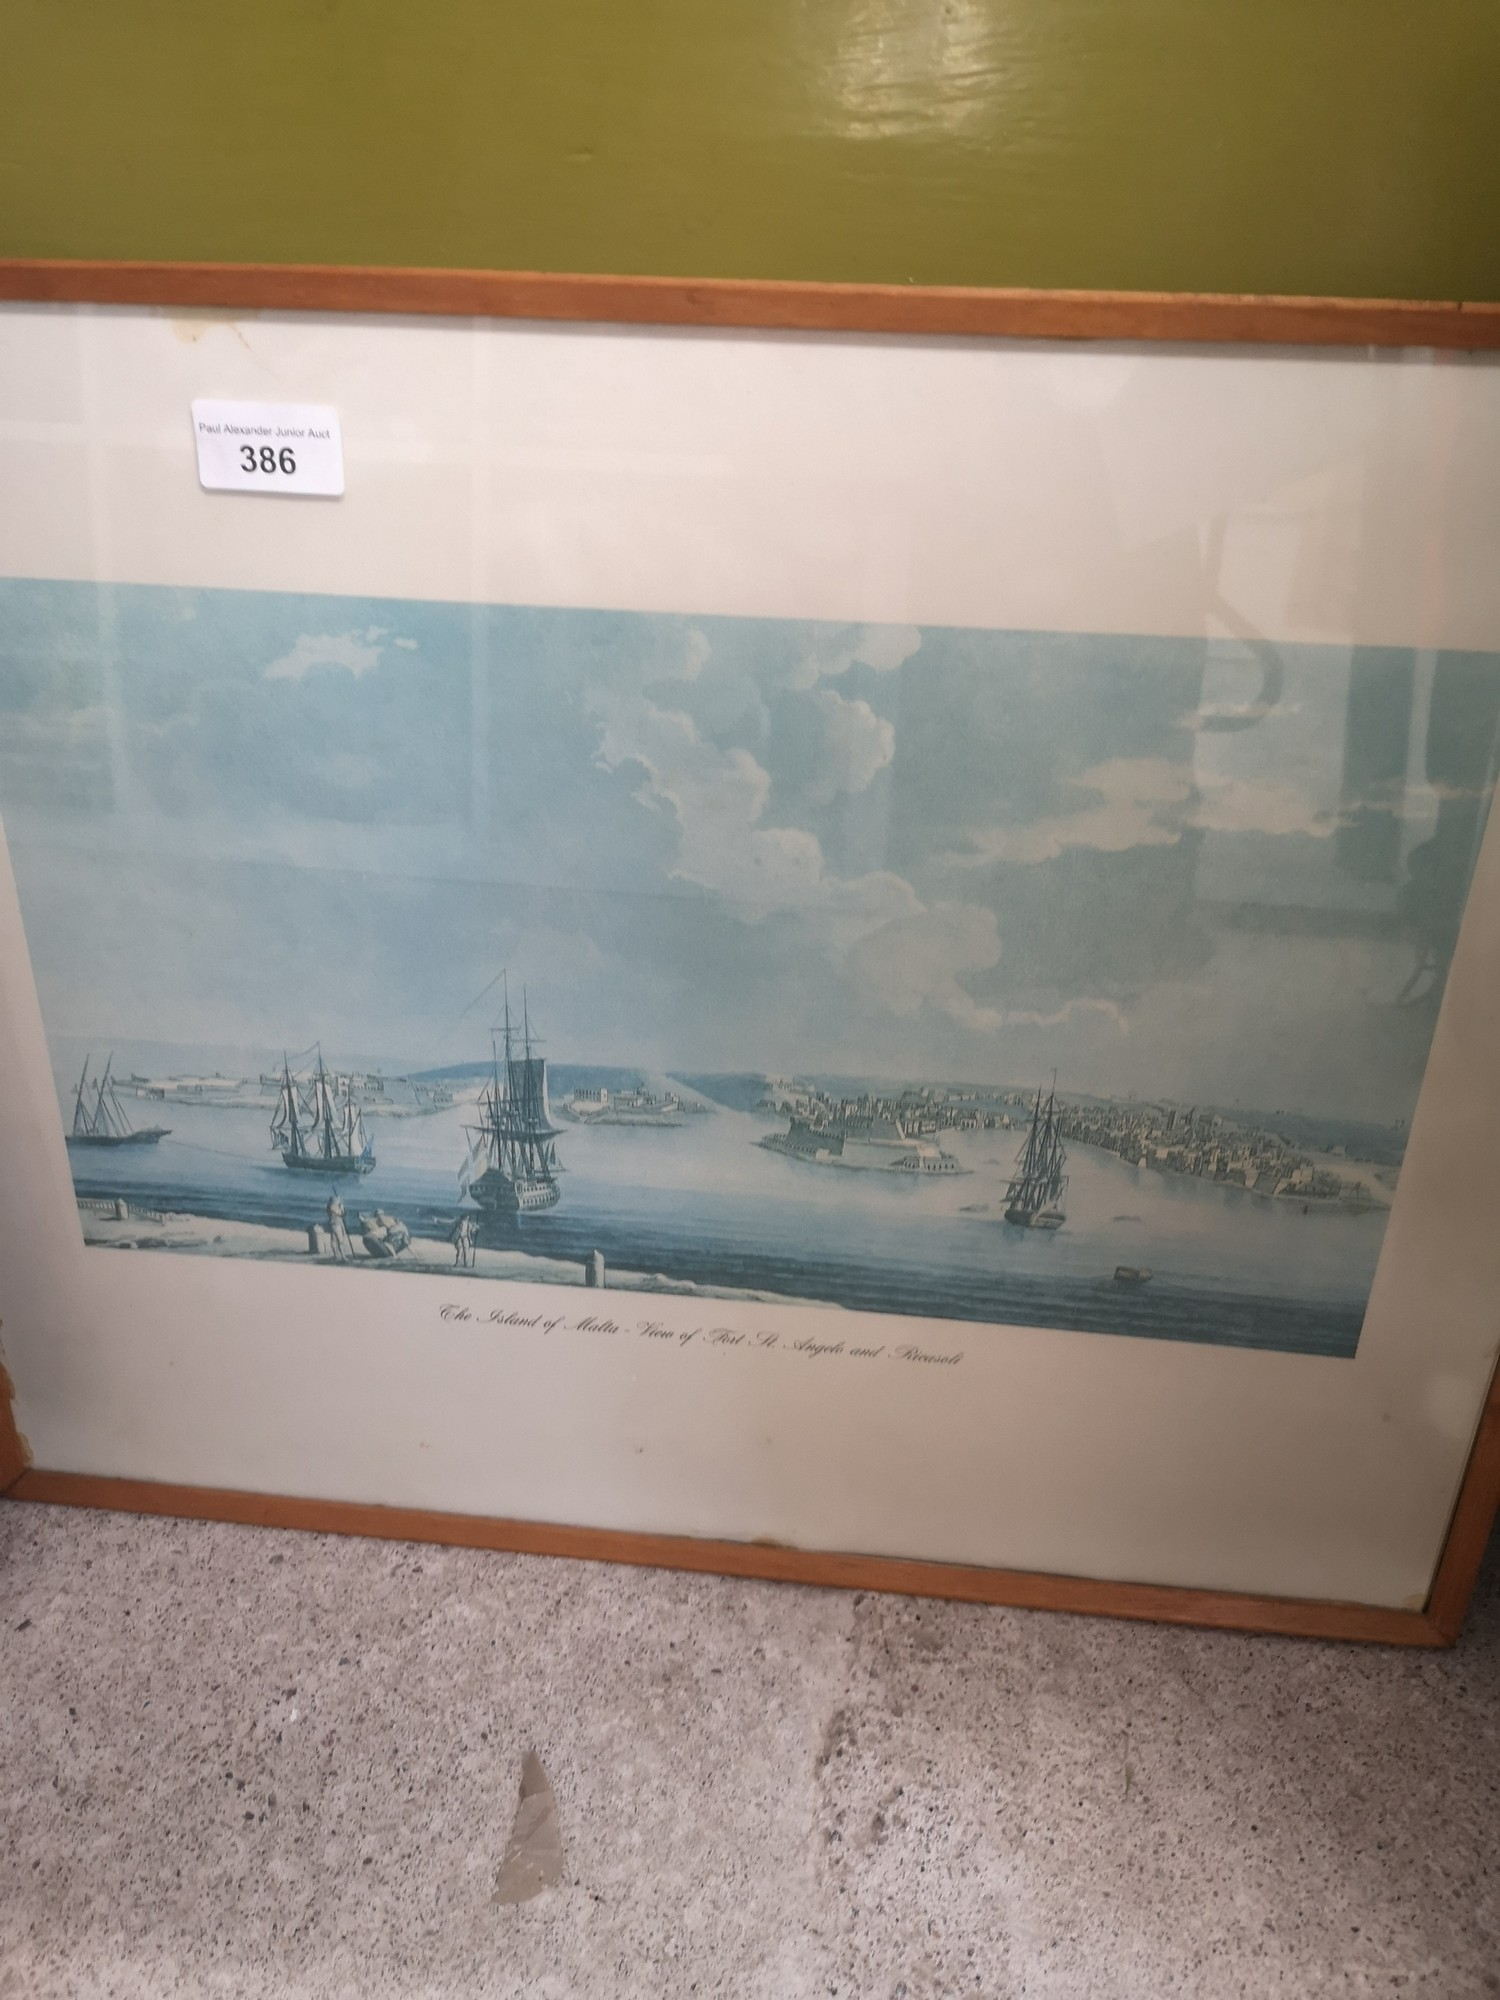 2 boat scene prints. - Image 2 of 3